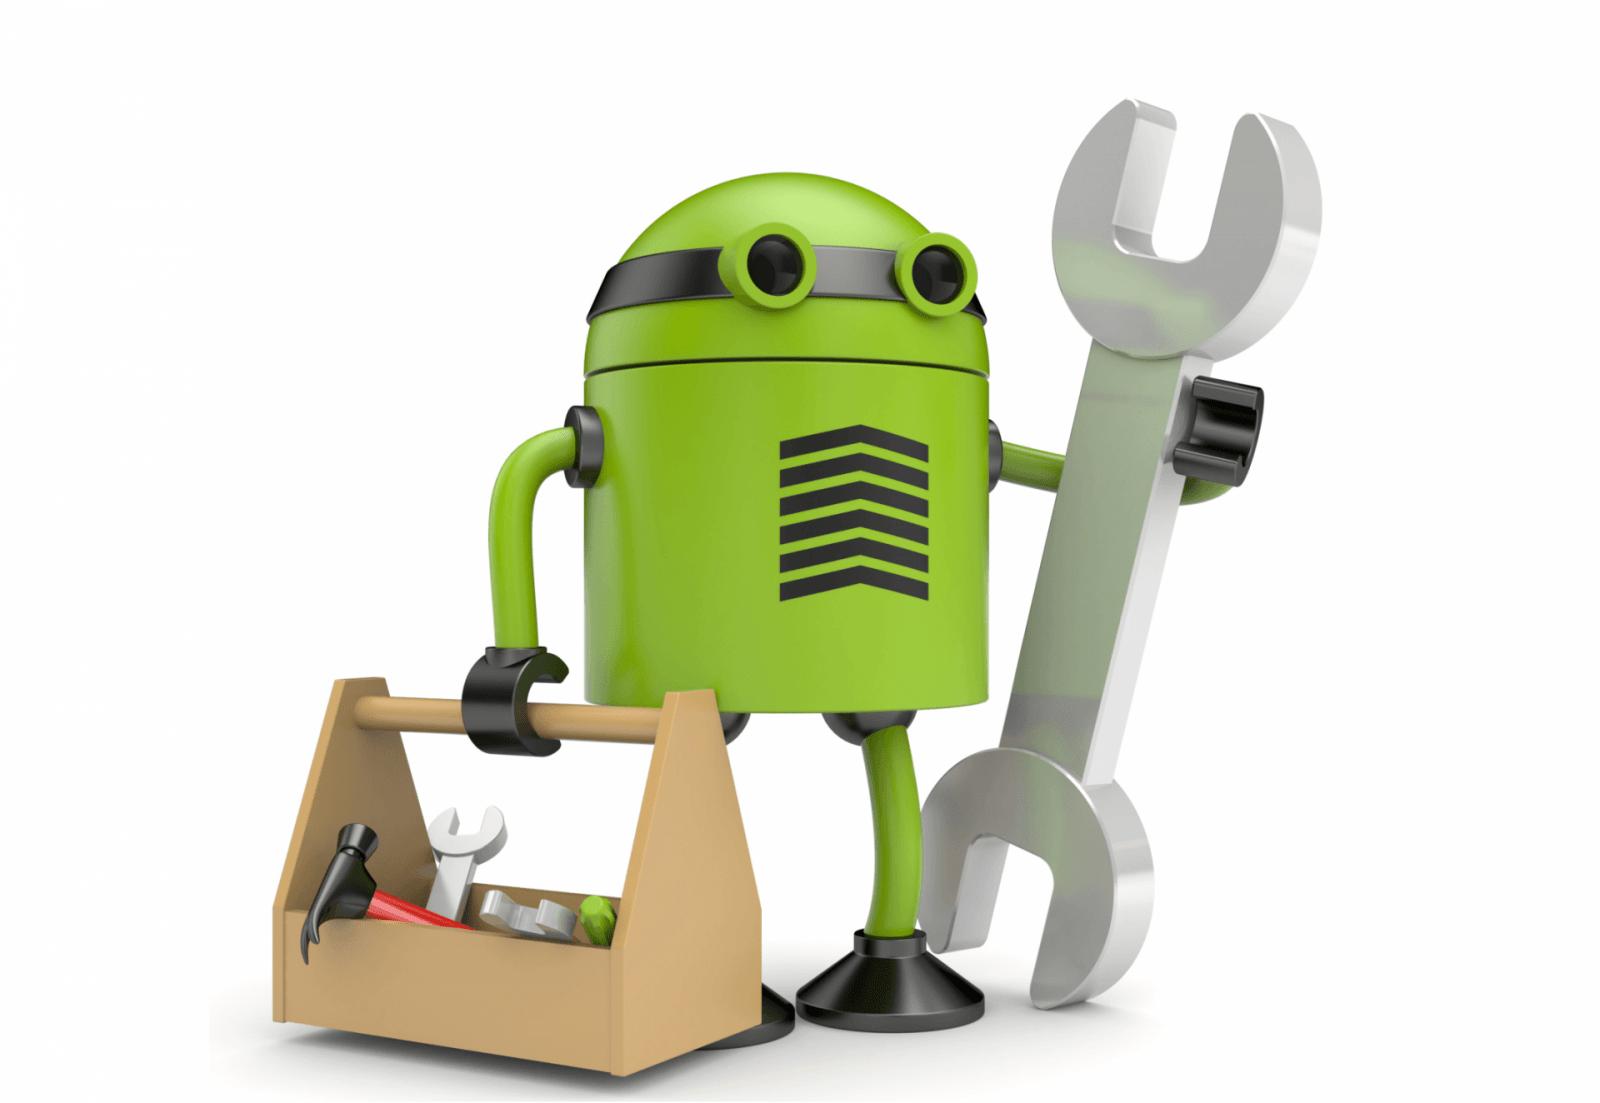 Ошибка в приложении com.android.phone: почему произошла и как исправить